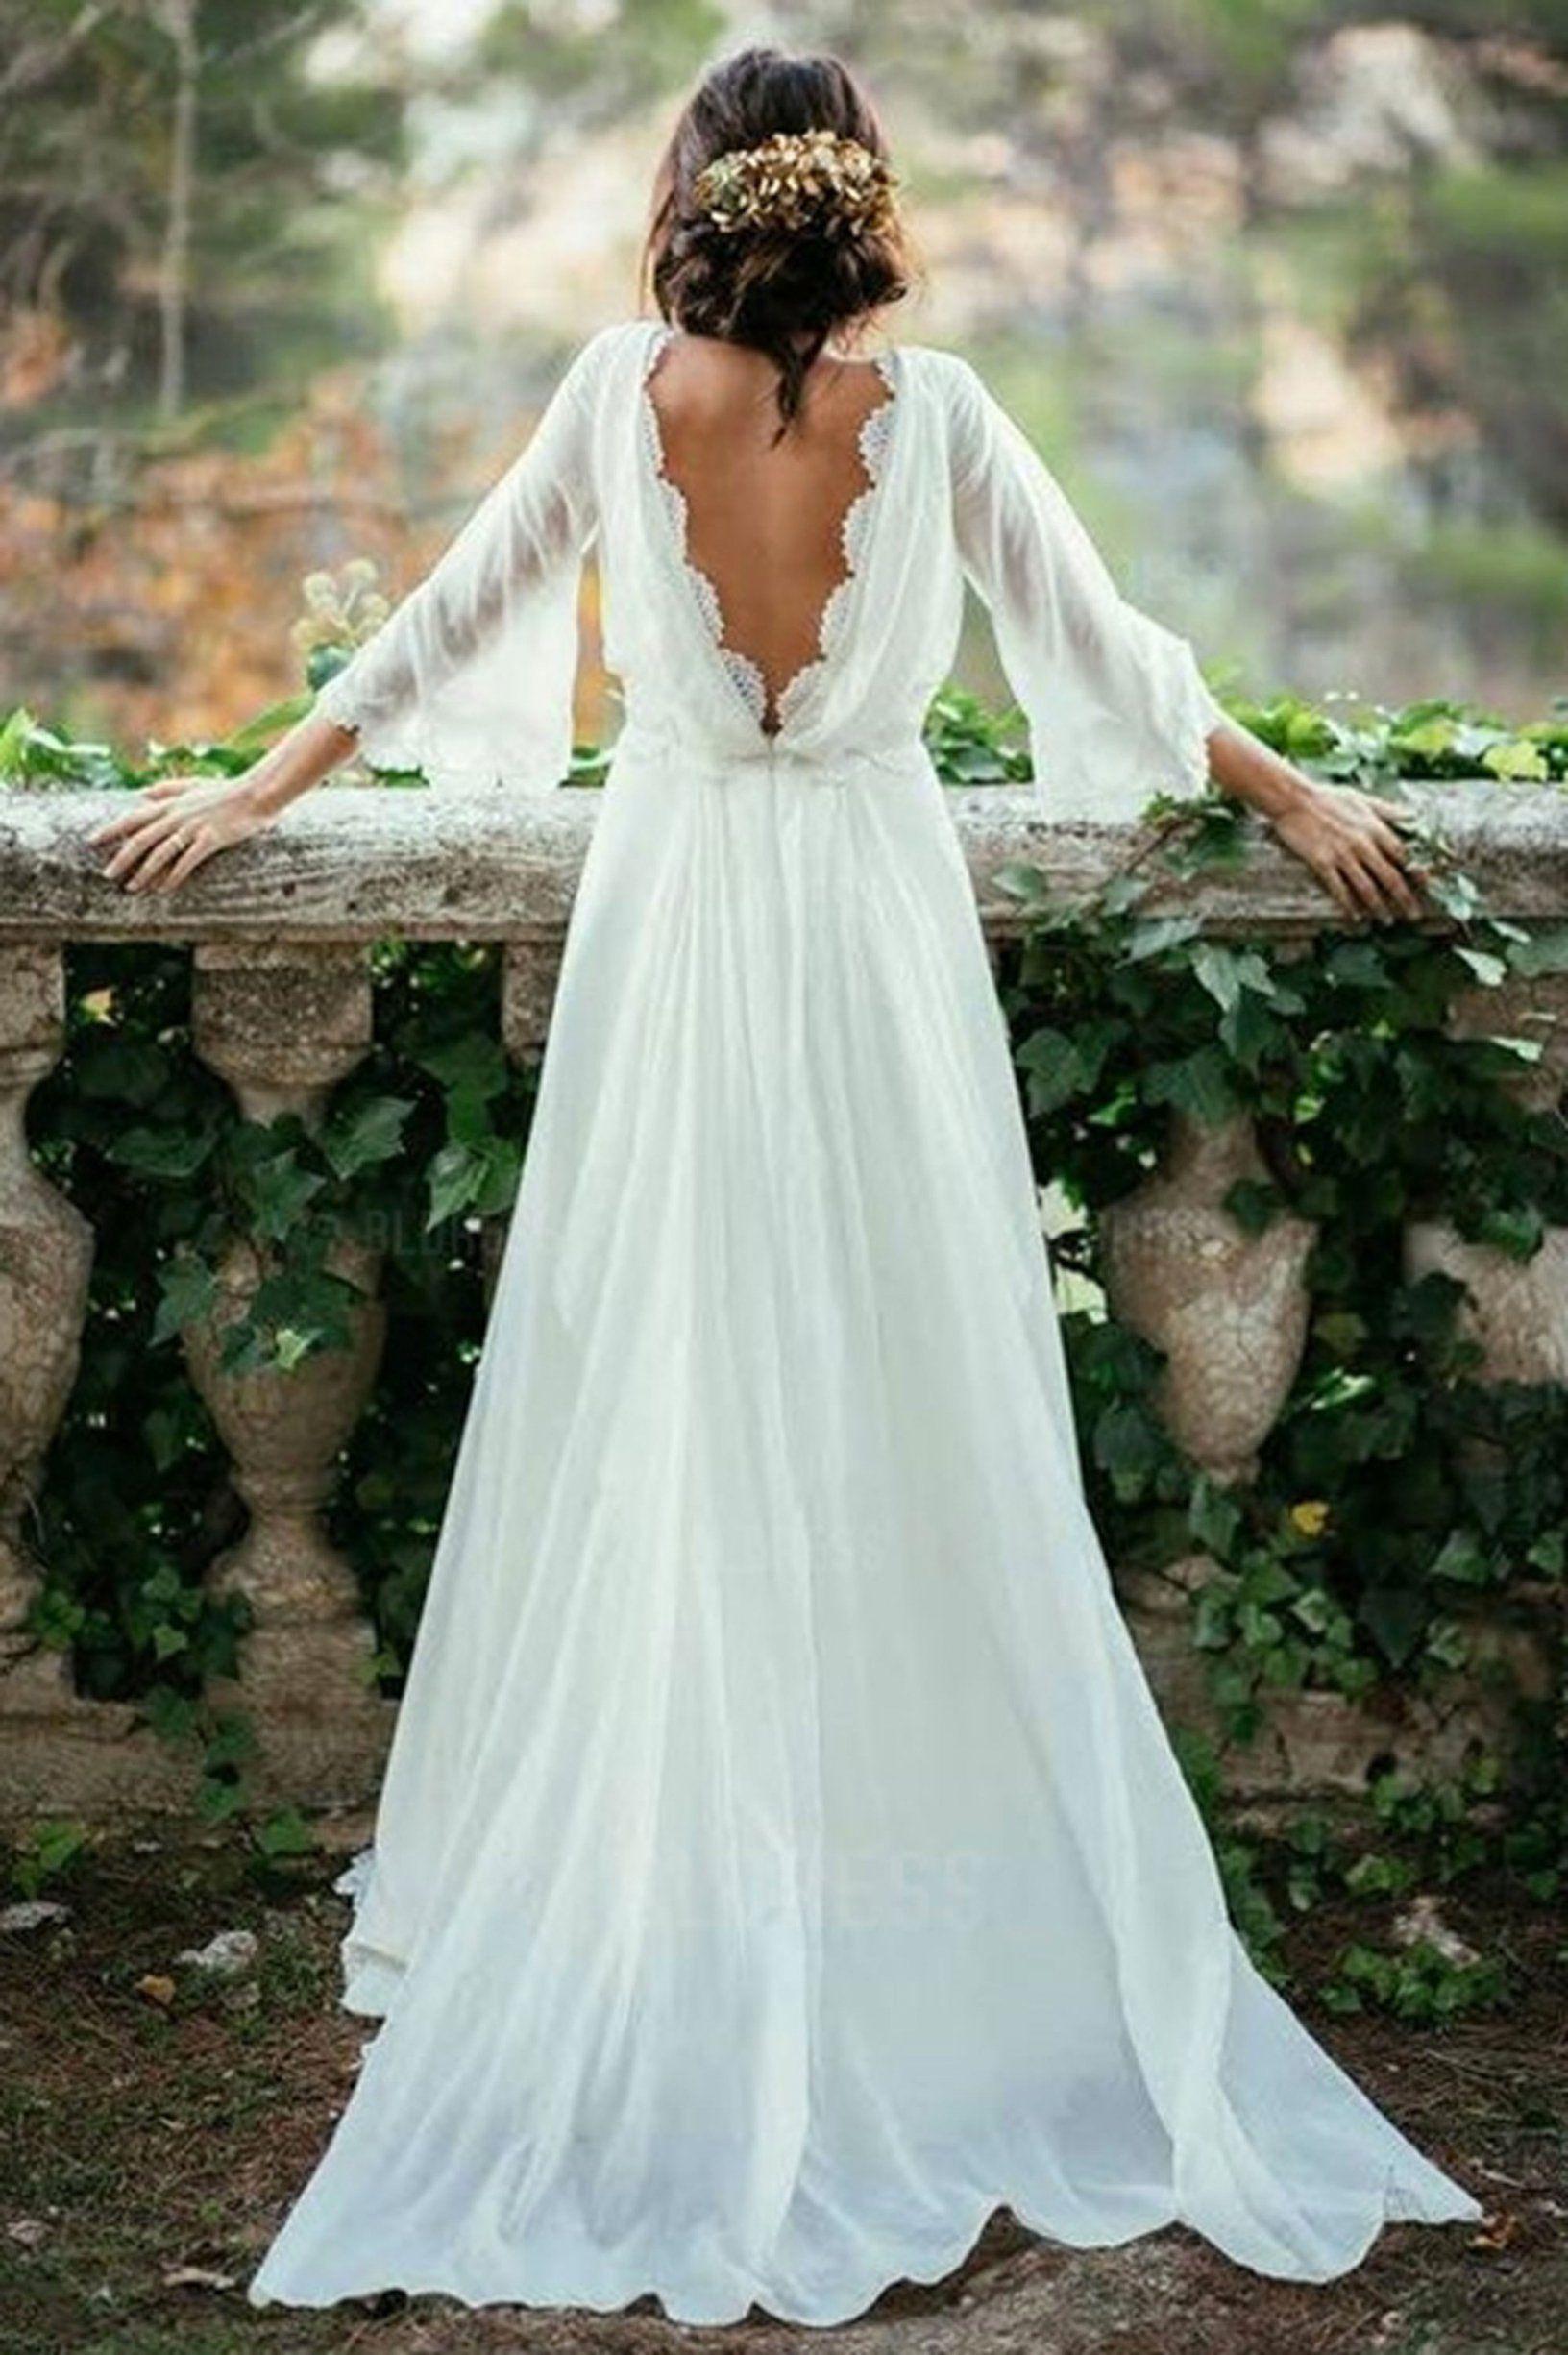 20 robes de mariée super jolies pour dire oui à petit prix !